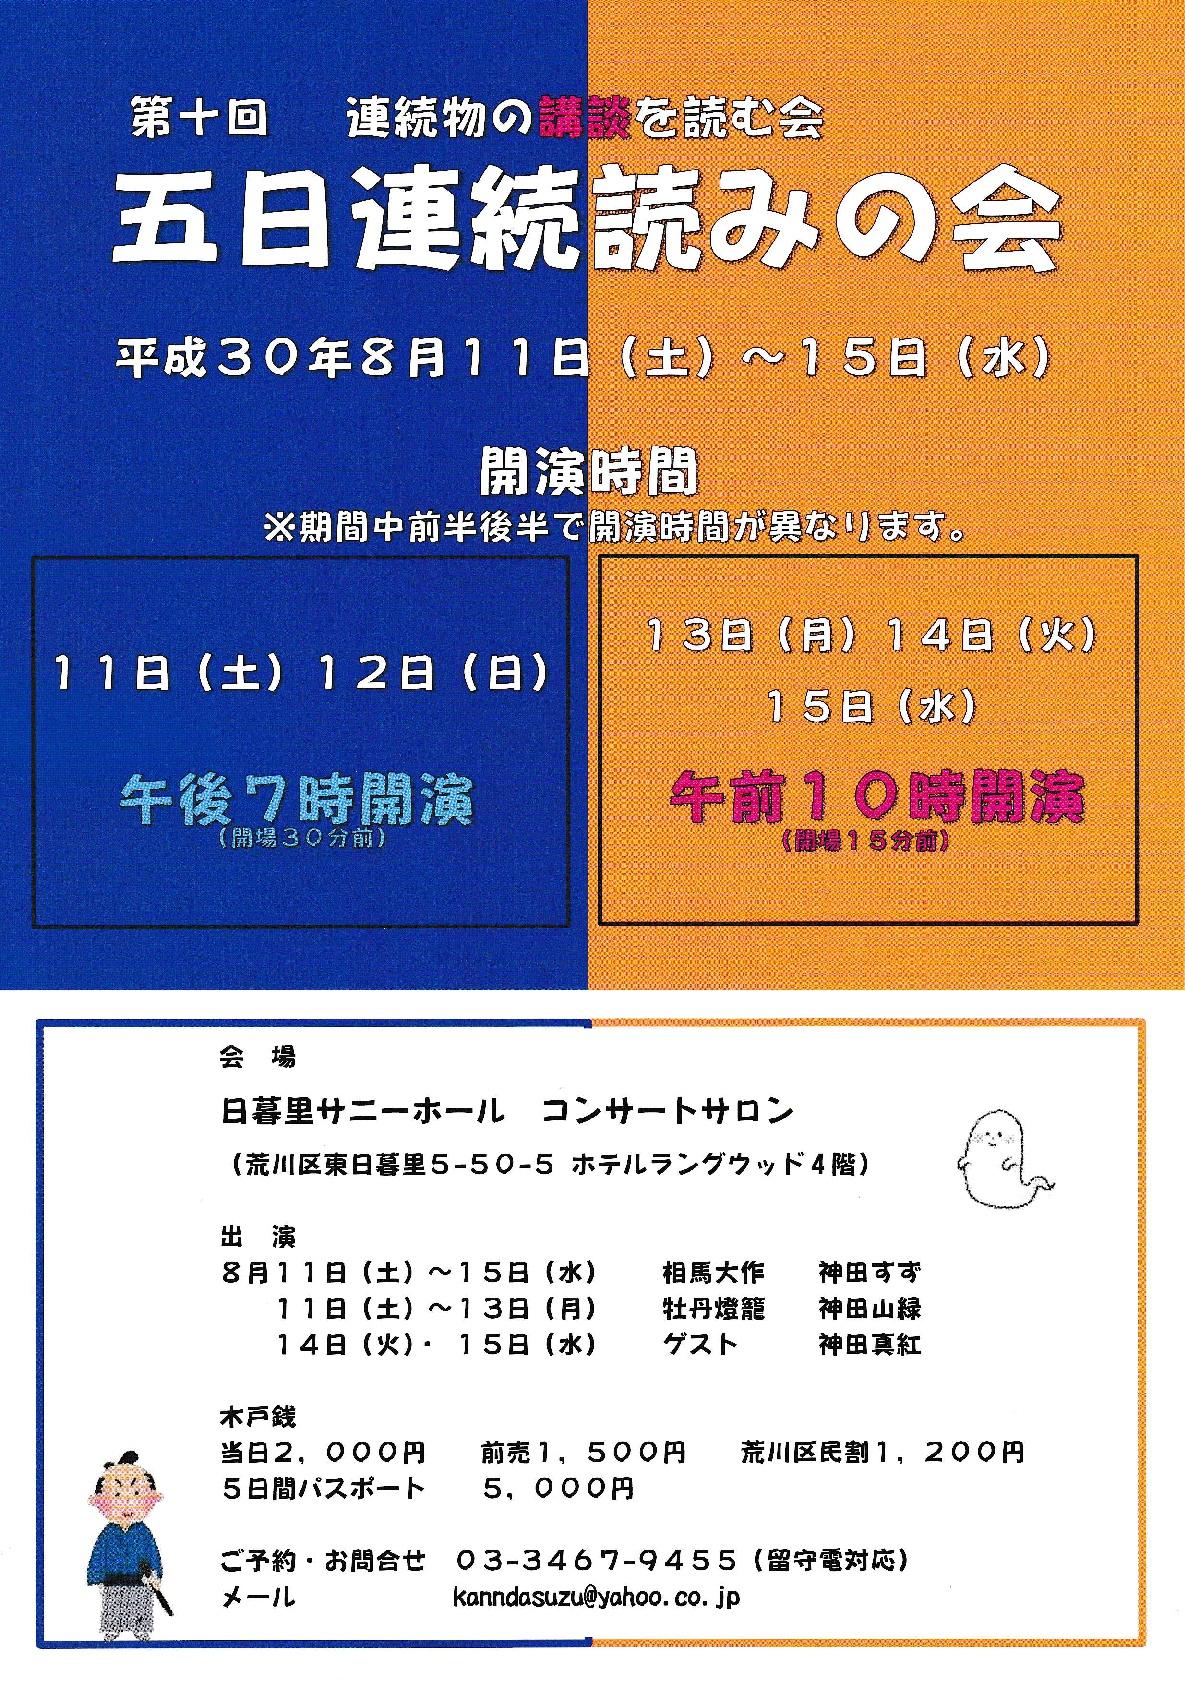 五日連続読みの会 8月11日・12日